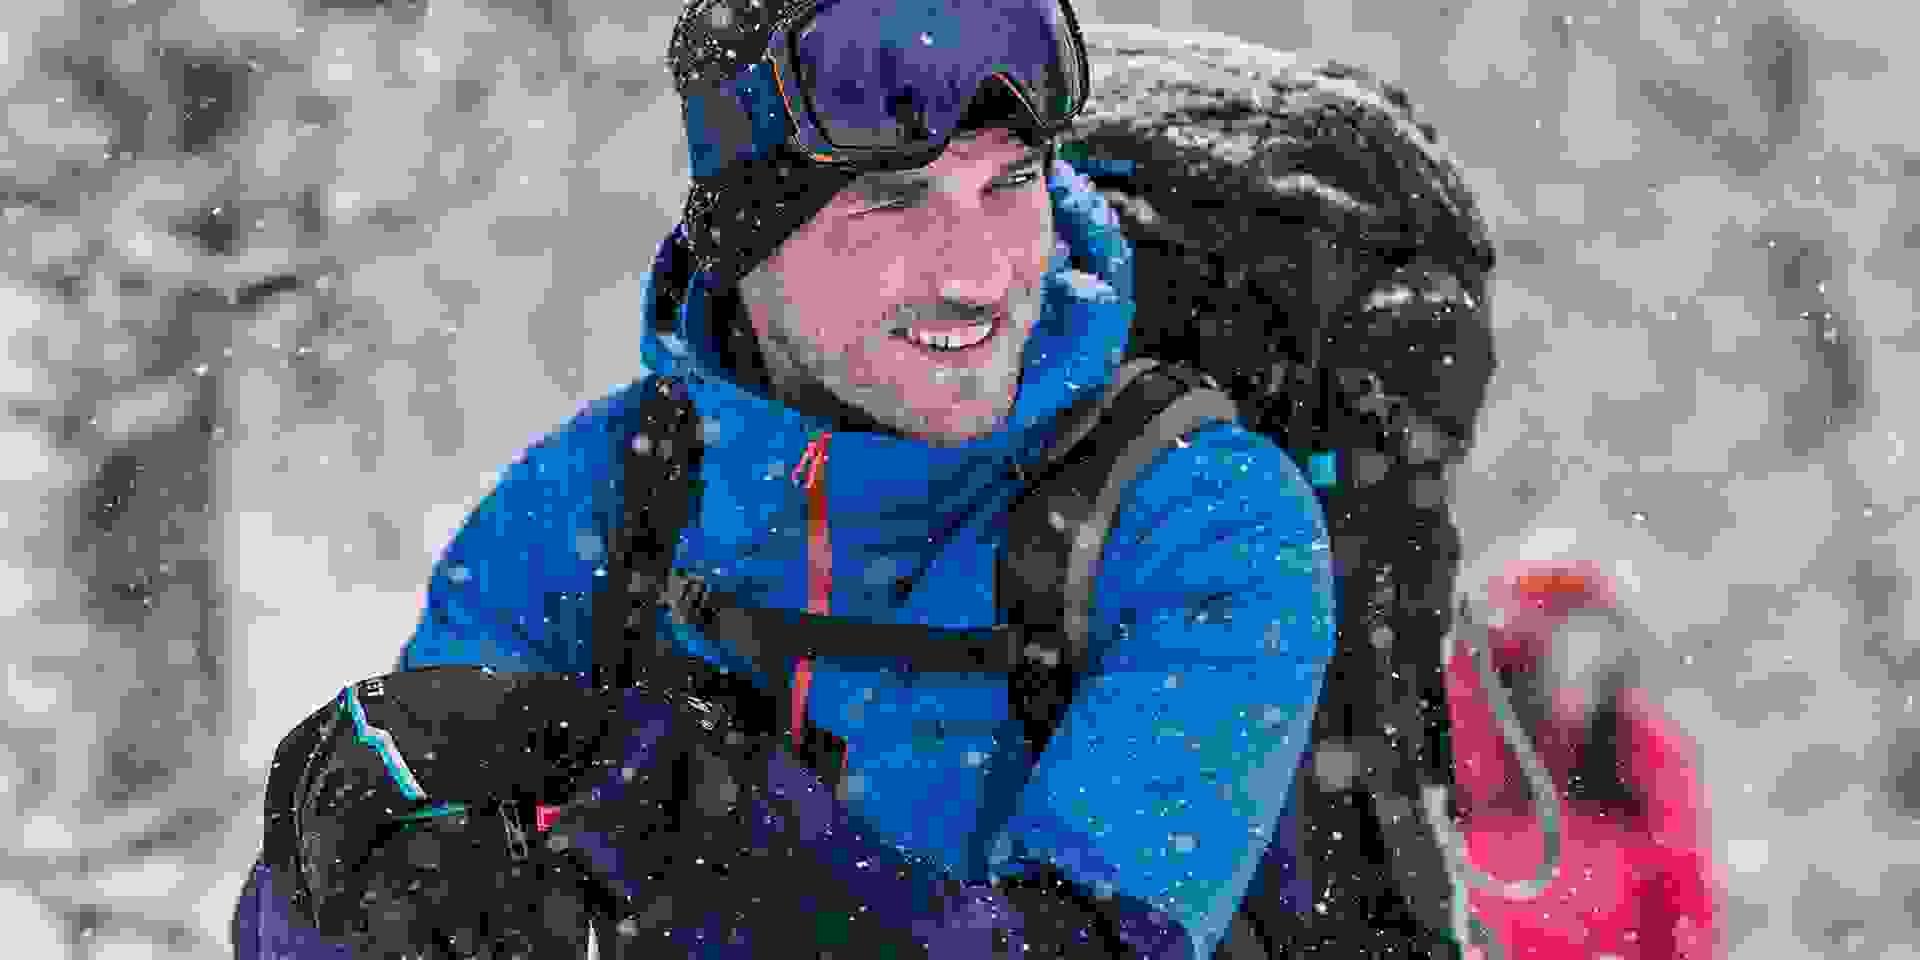 Ein Mann trägt eine Schöffel ZipIn! Jacke während er in einem verschneiten Wald steht.